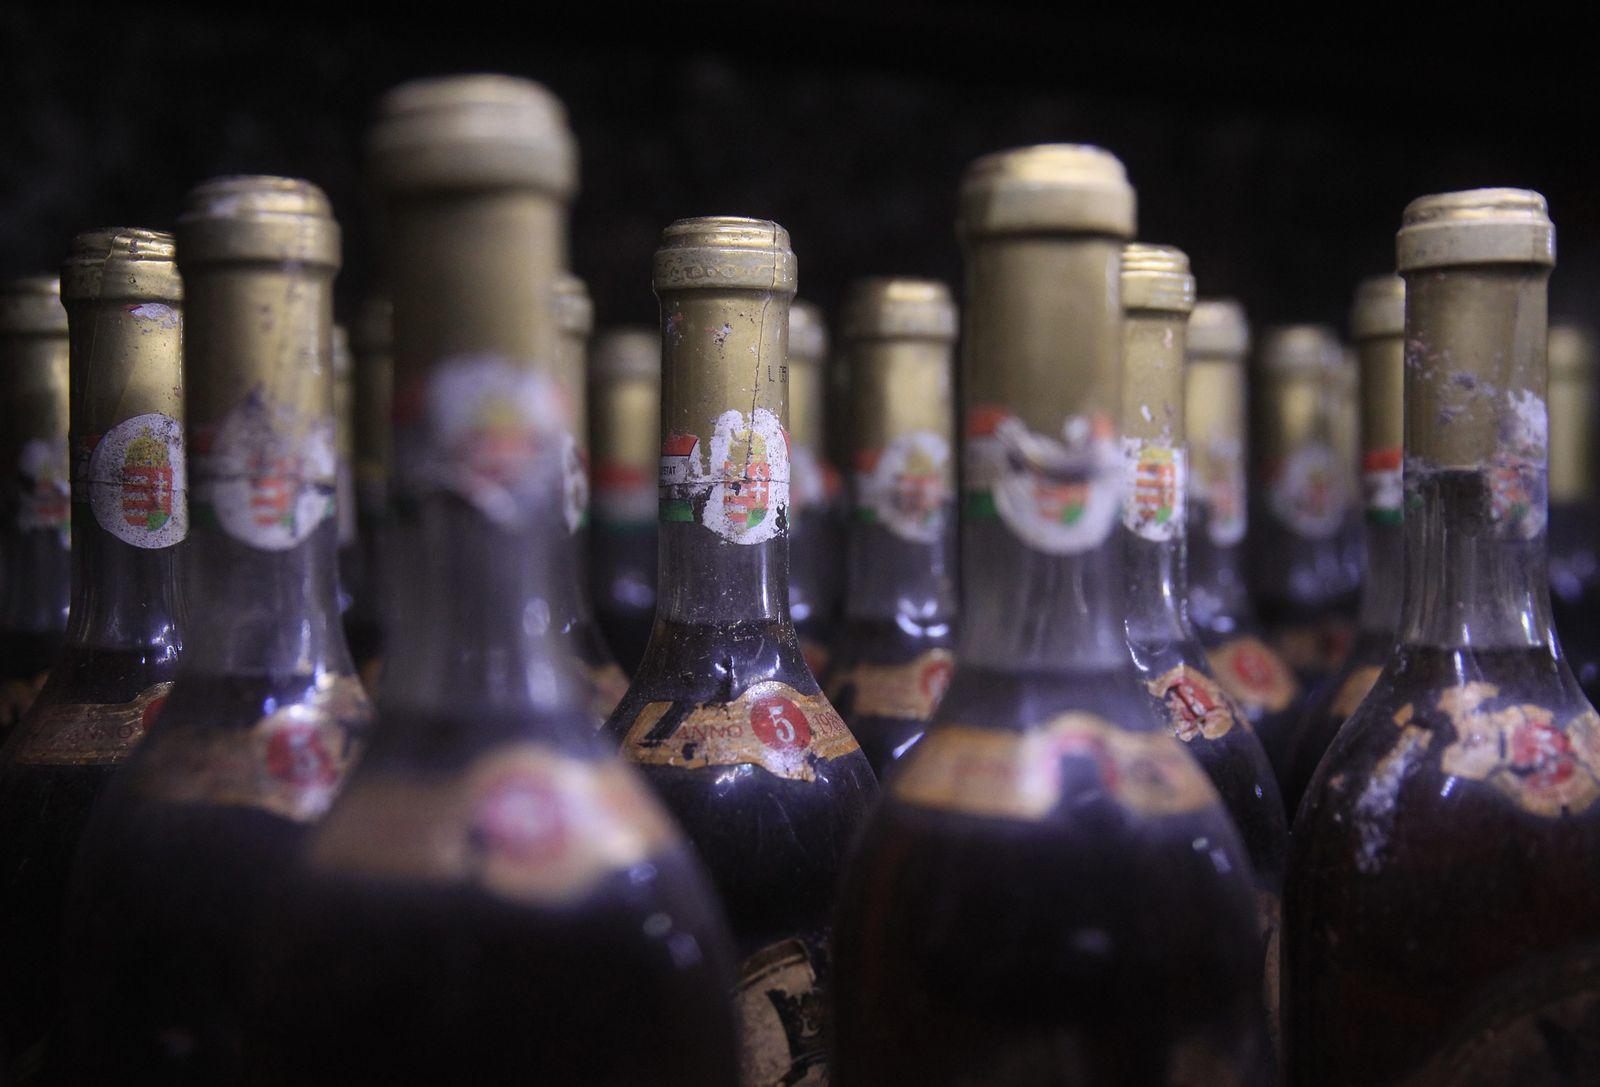 Rotwein Flaschen Ungarn